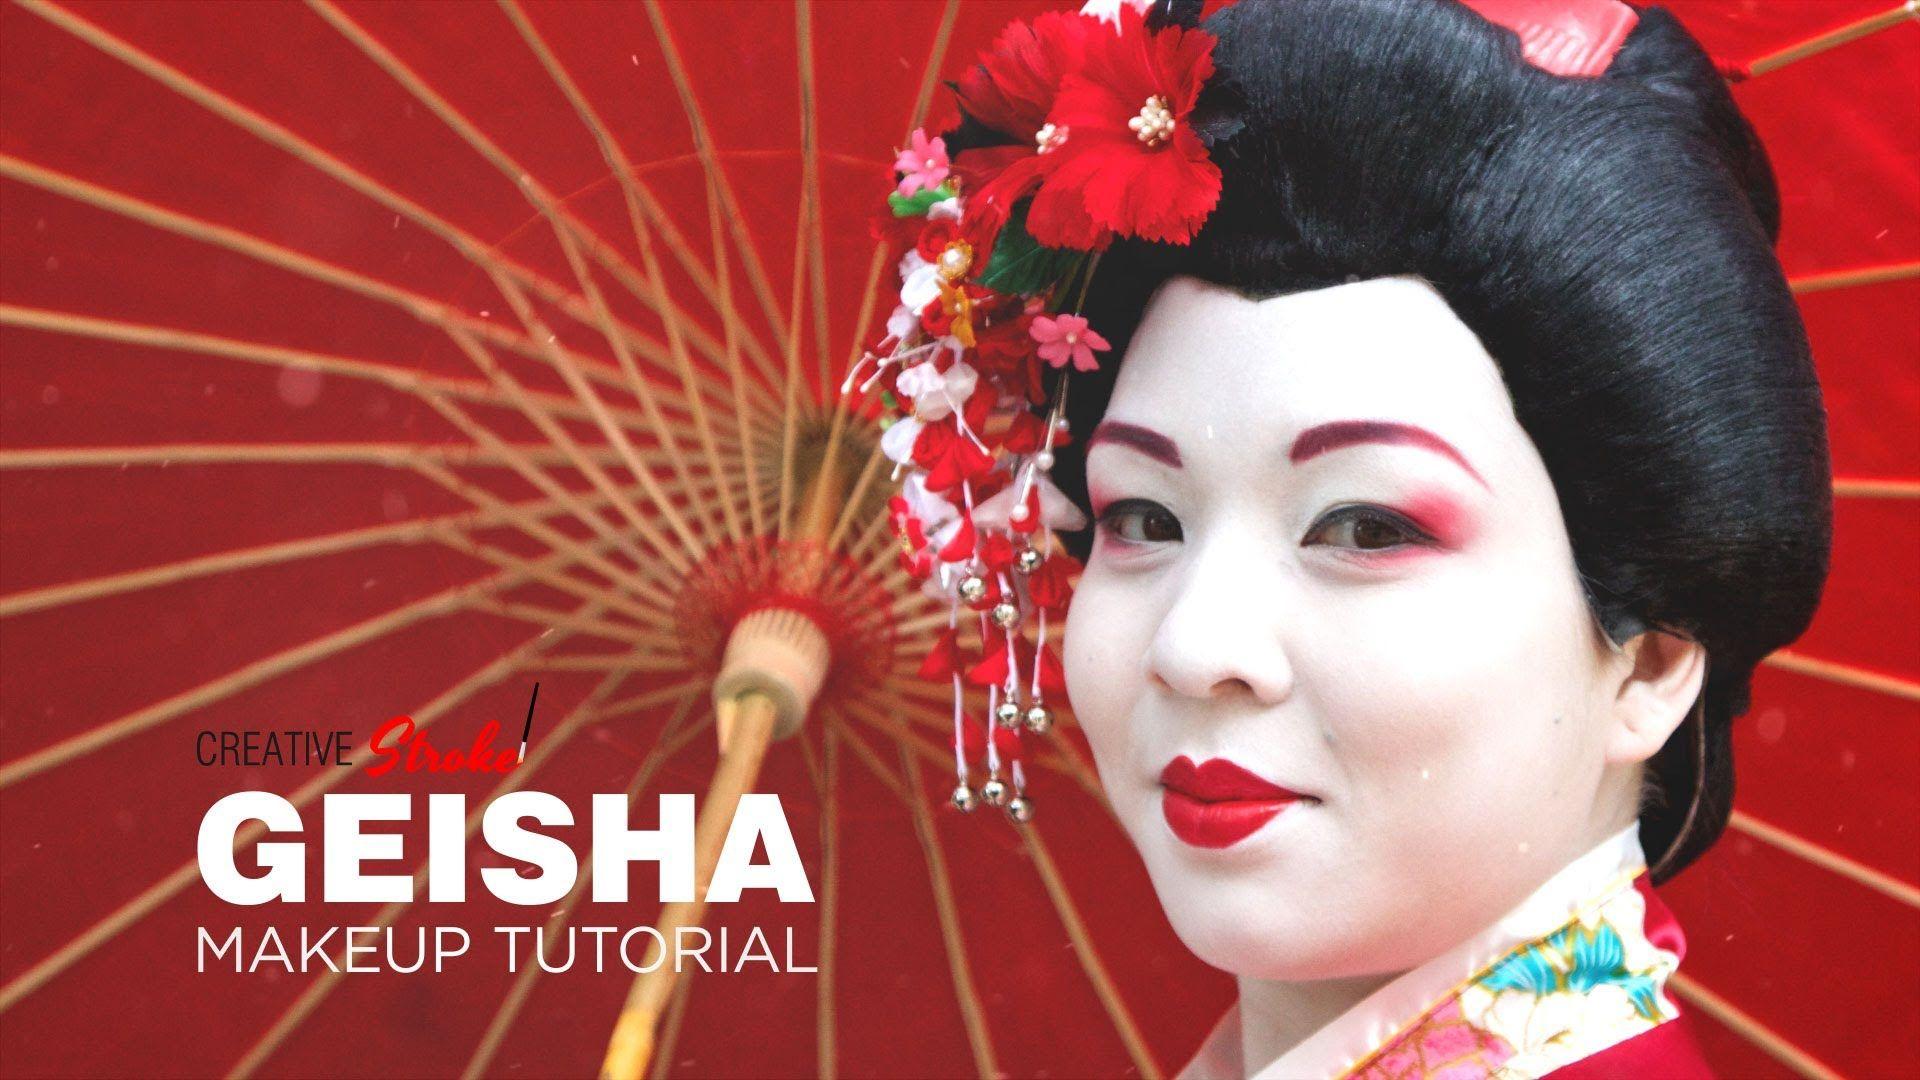 Geisha Makeup Tutorial for Halloween pics